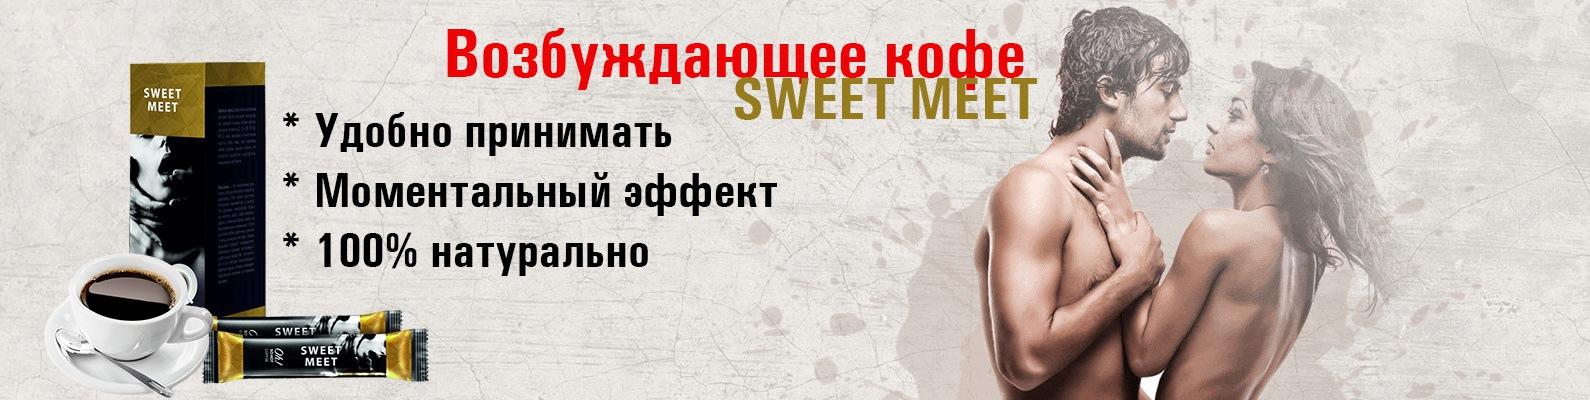 Возбуждающий кофе SWEET MEET в Полтаве